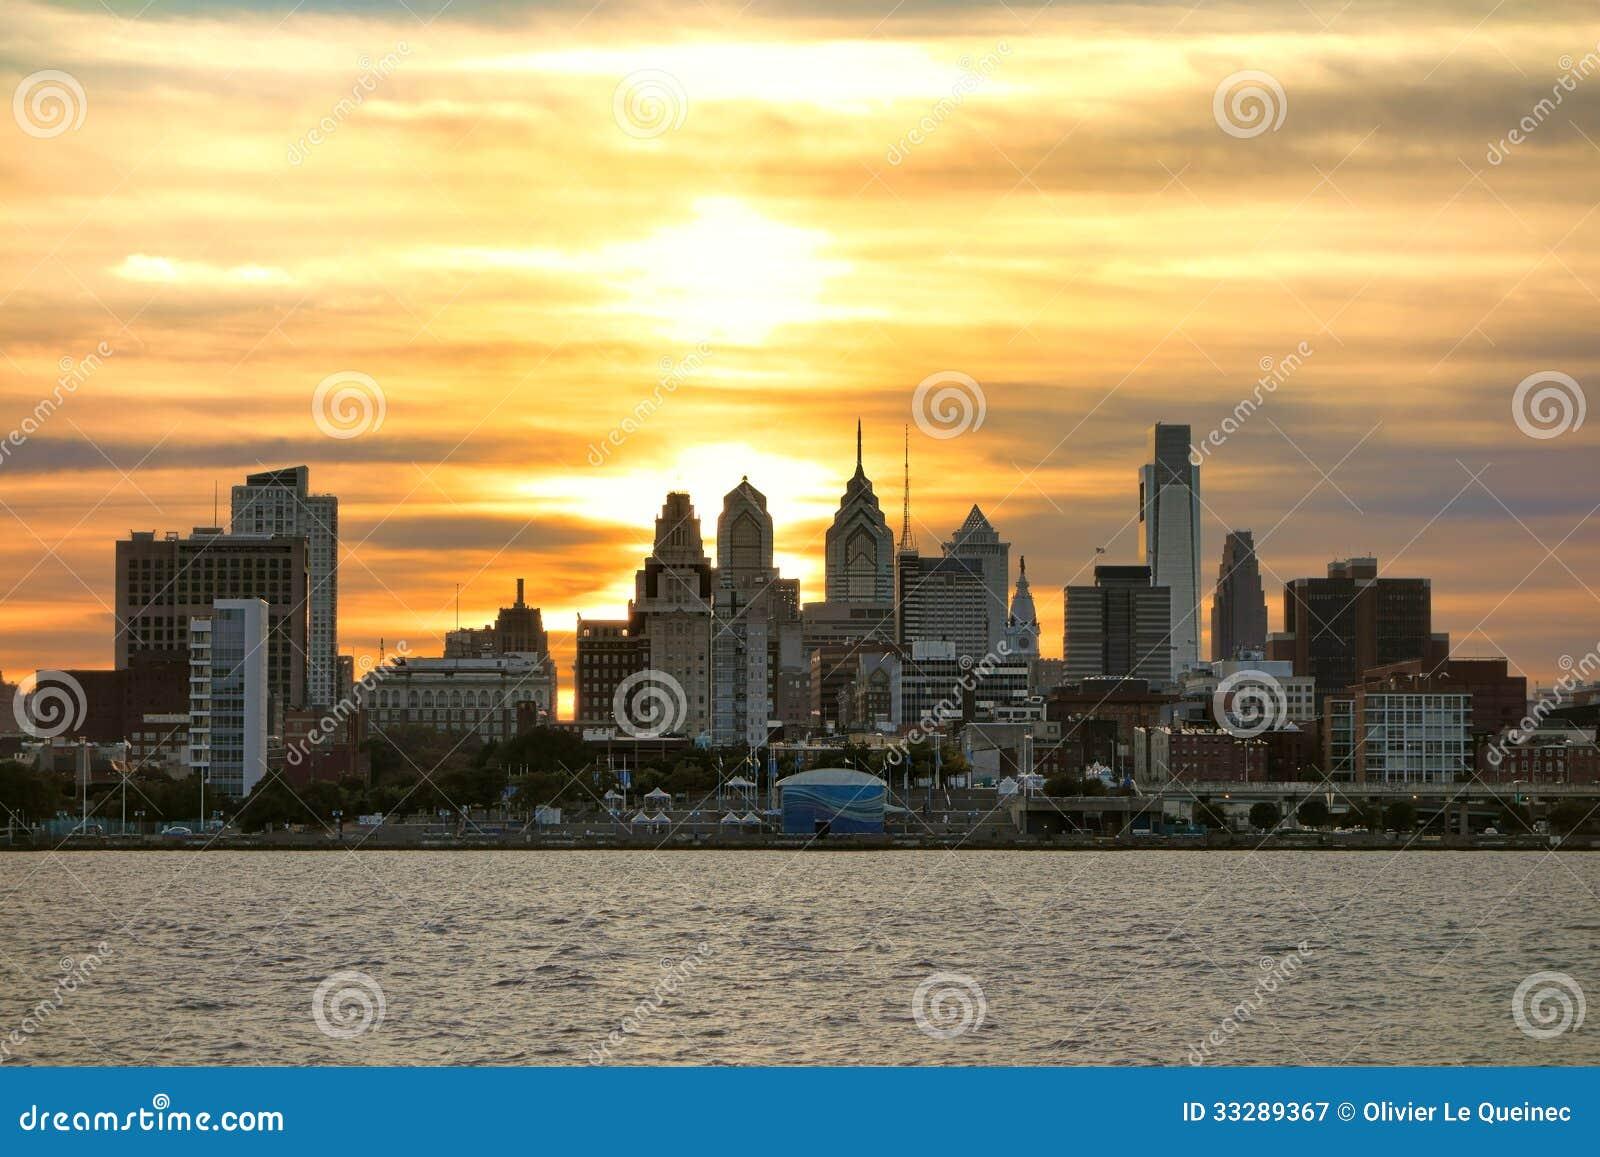 Du soleil central de philadelphie de ville sur le fleuve delaware